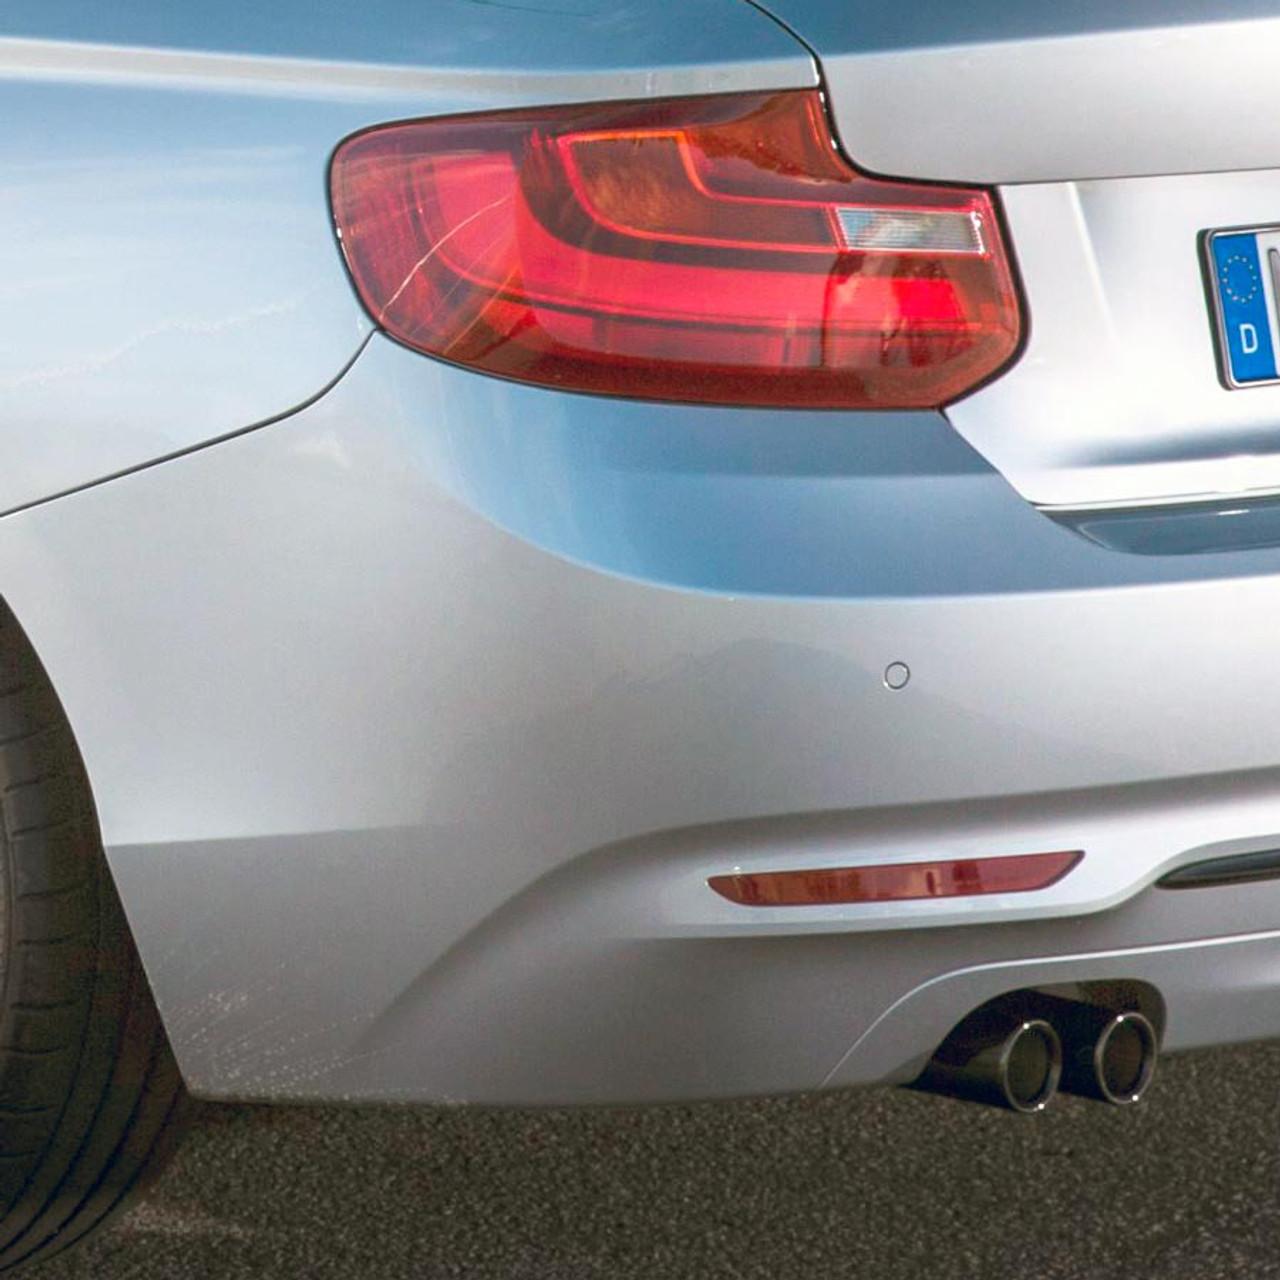 BMW Rear Left Bumper Reflector for F22, F23